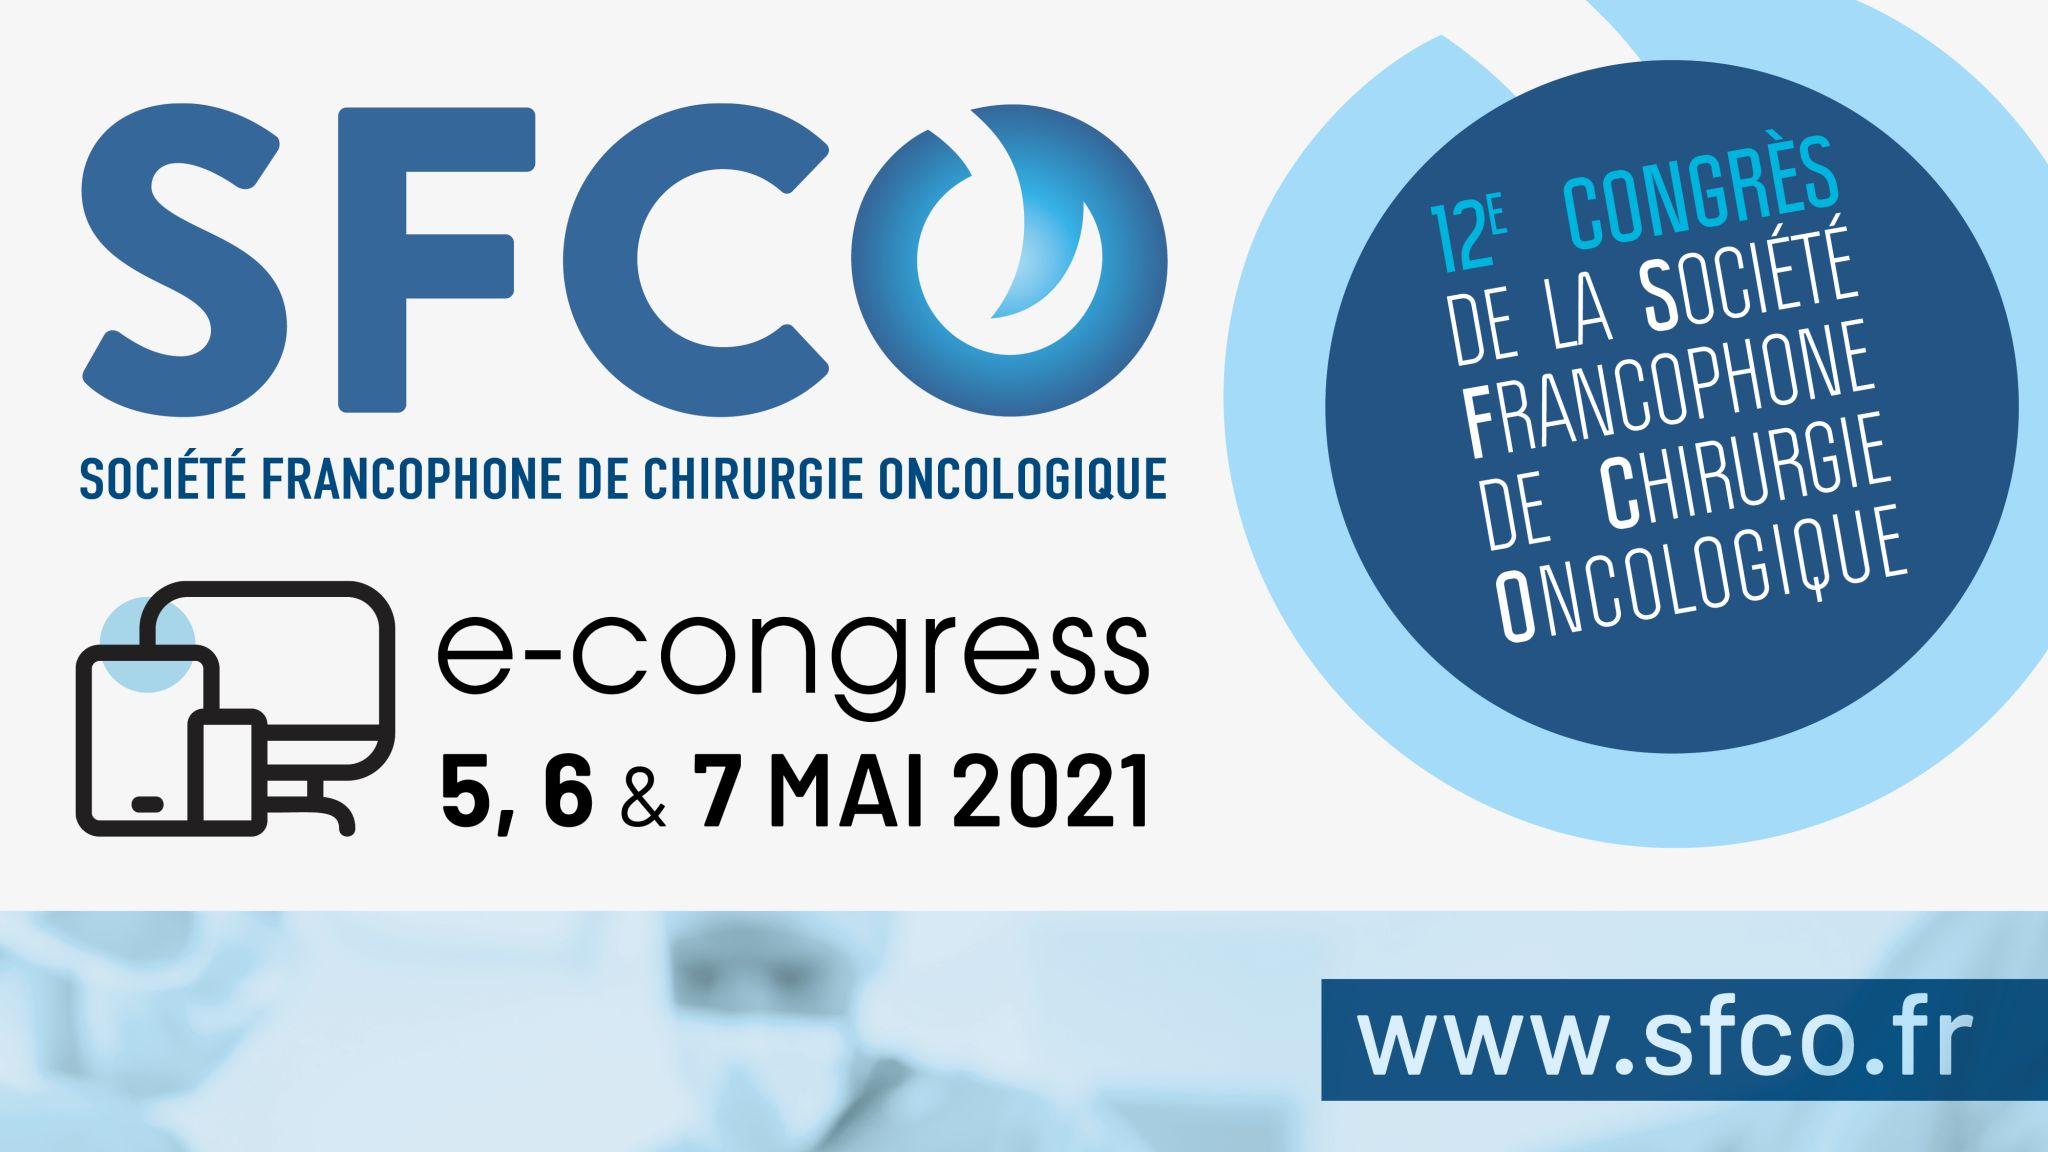 vignette SFCO2021 - e-congress : La médecine péri-opératoire au service de la chirurgie oncologique